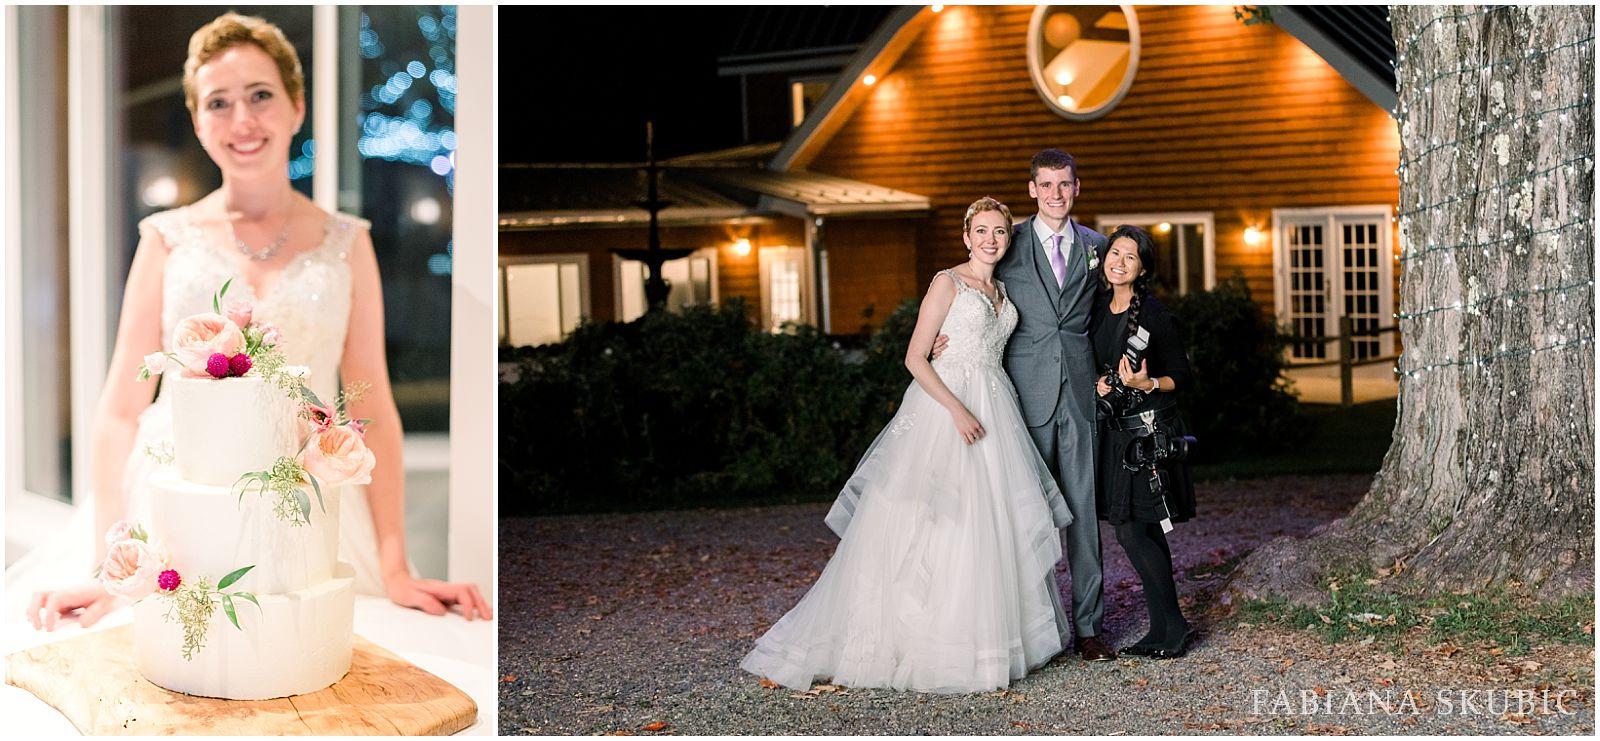 FabianaSkubic_J&M_FullMoonResort_Wedding_0095.jpg